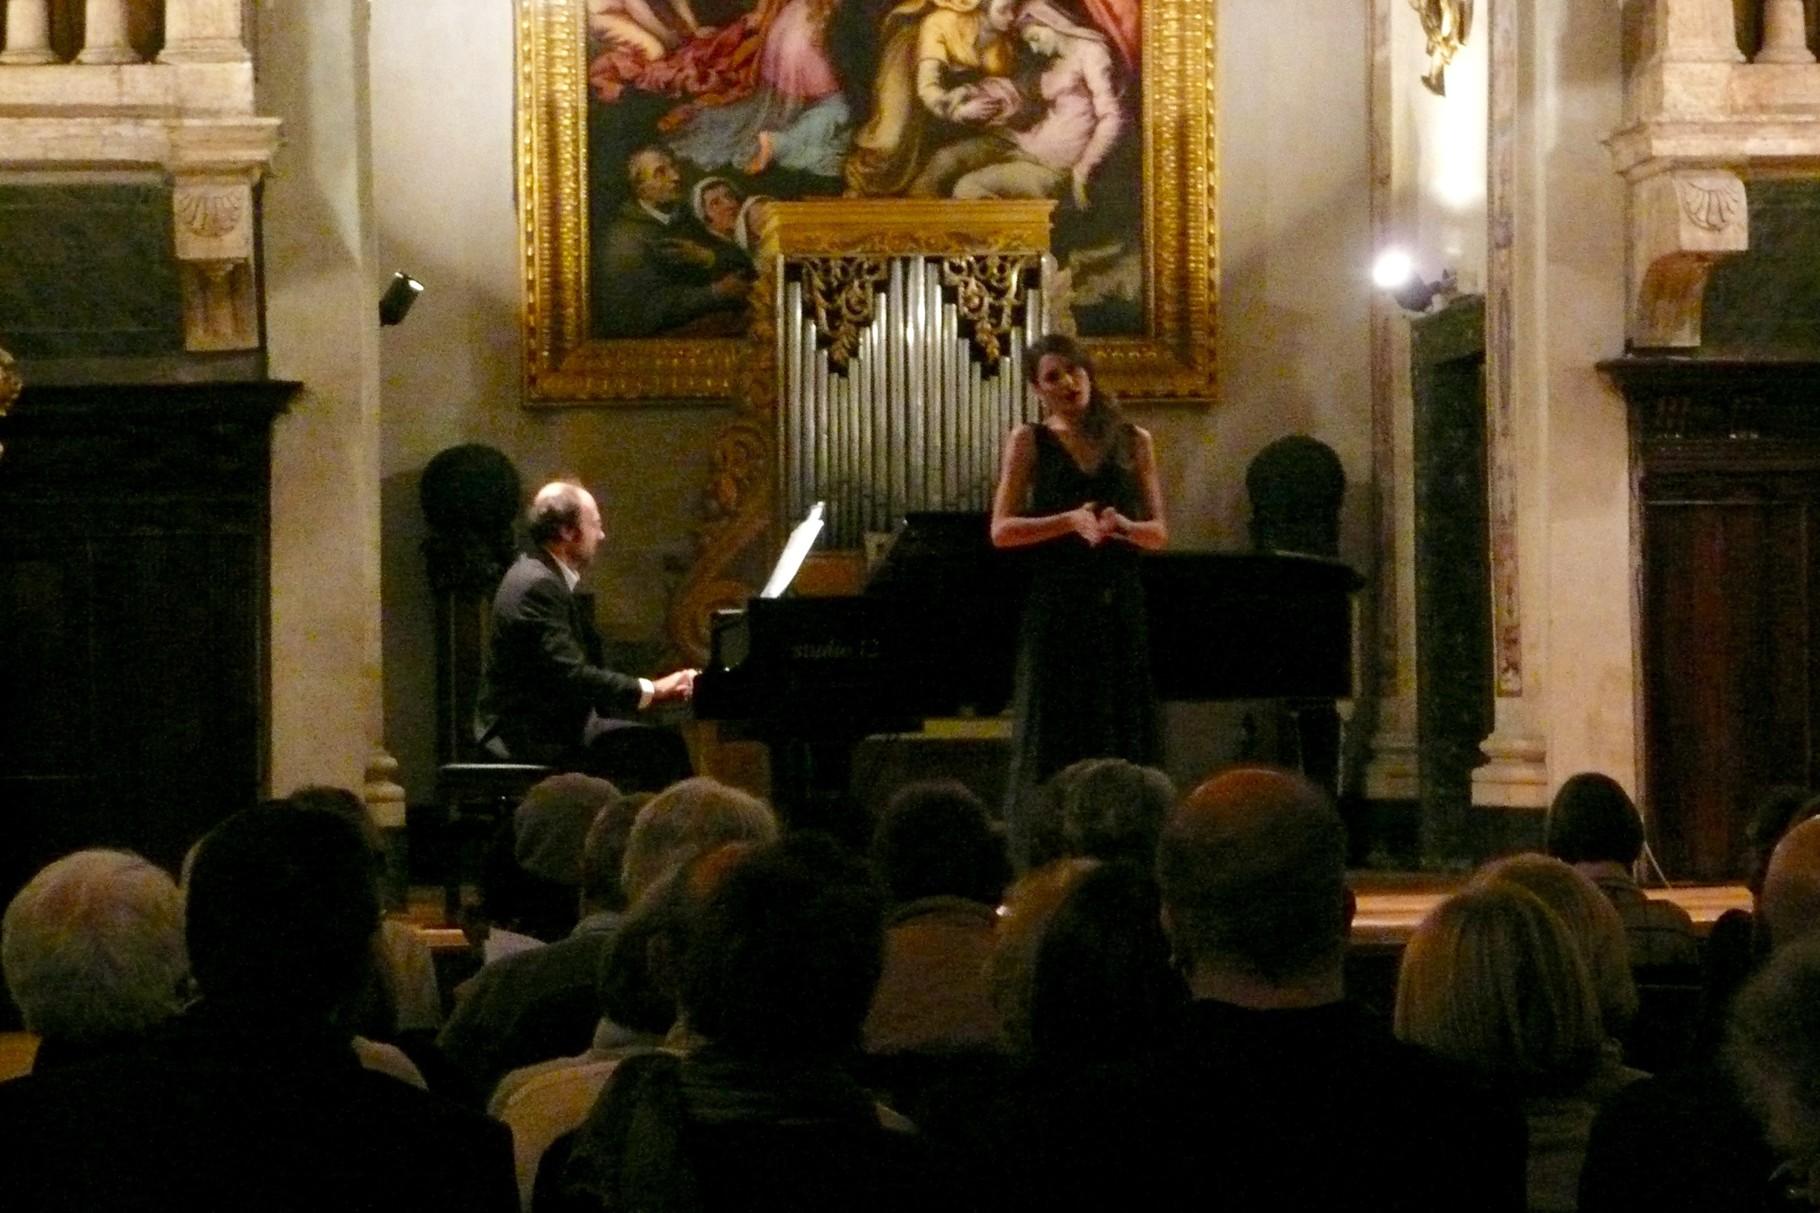 Cristina Zavalloni - Andrea Rebaudengo